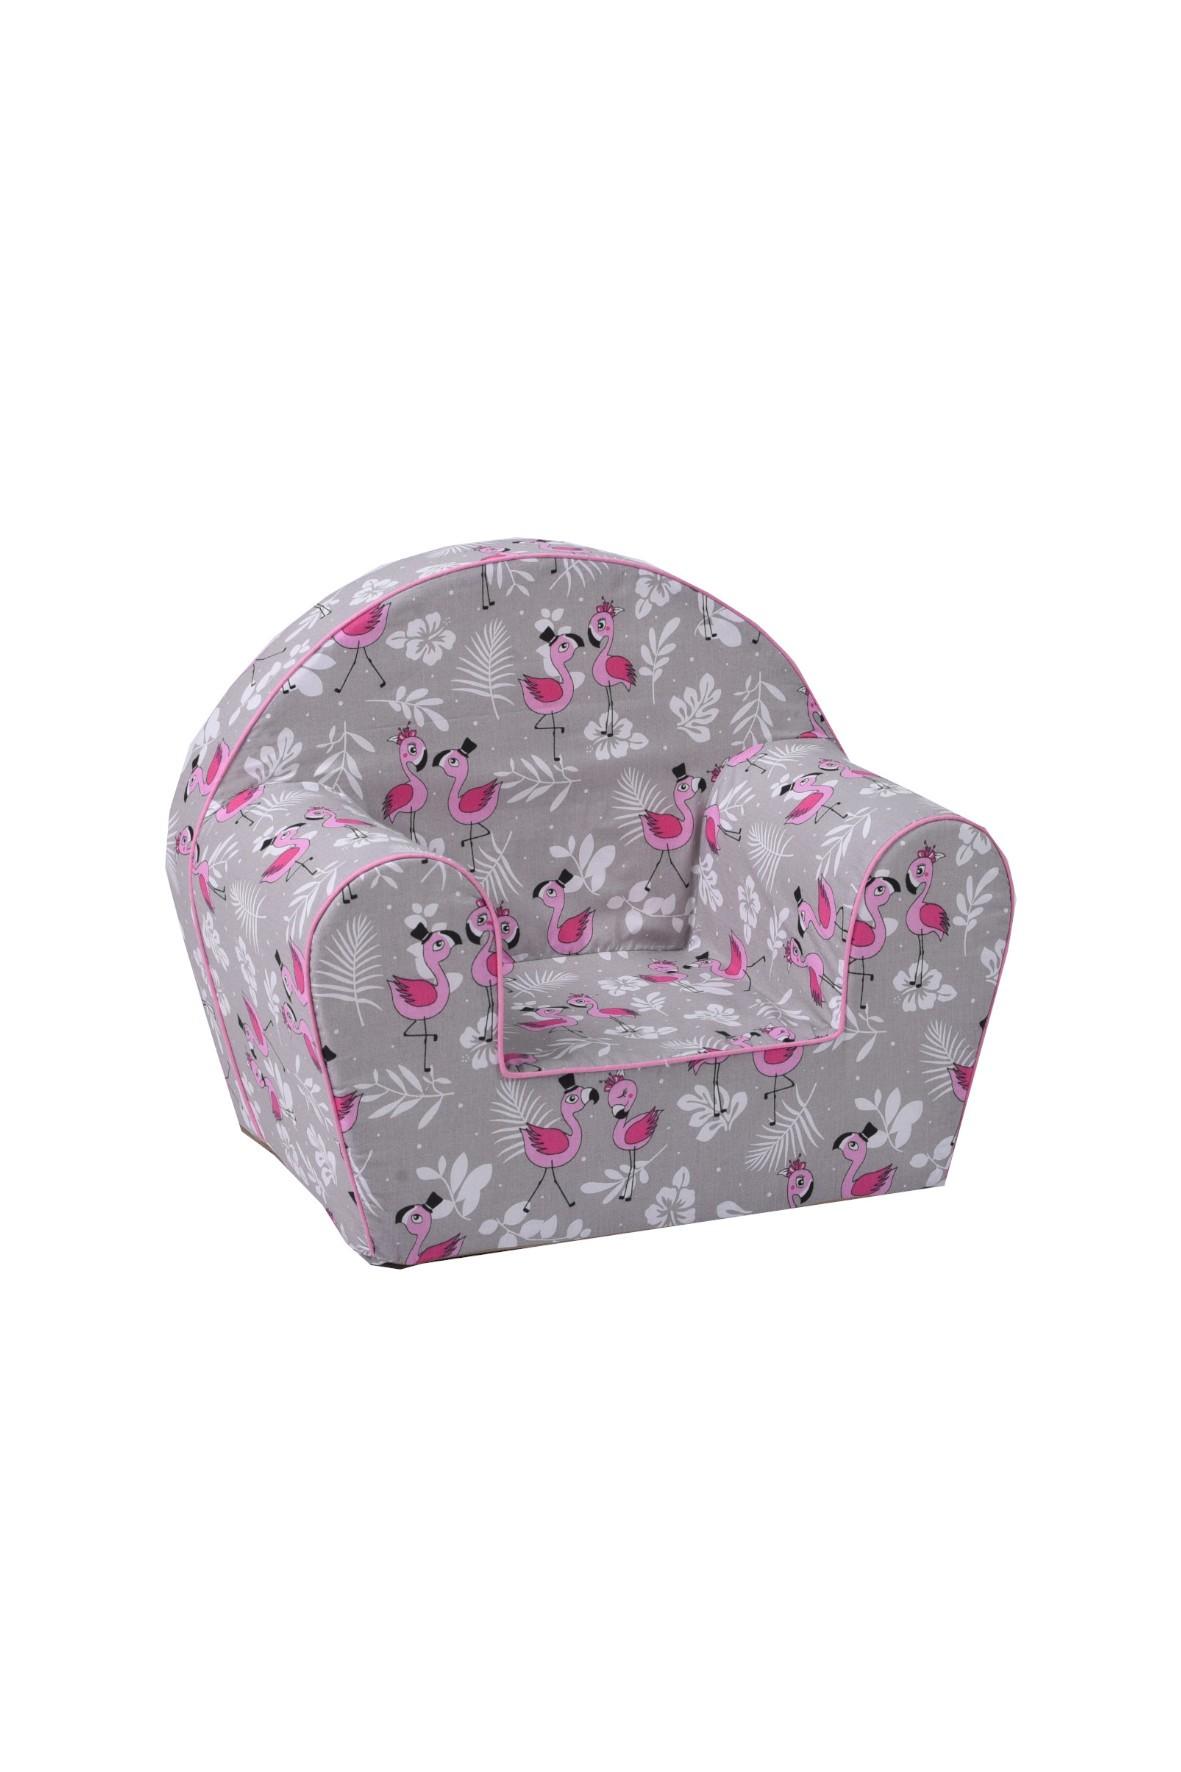 Szary fotelik z różowymi flamingami